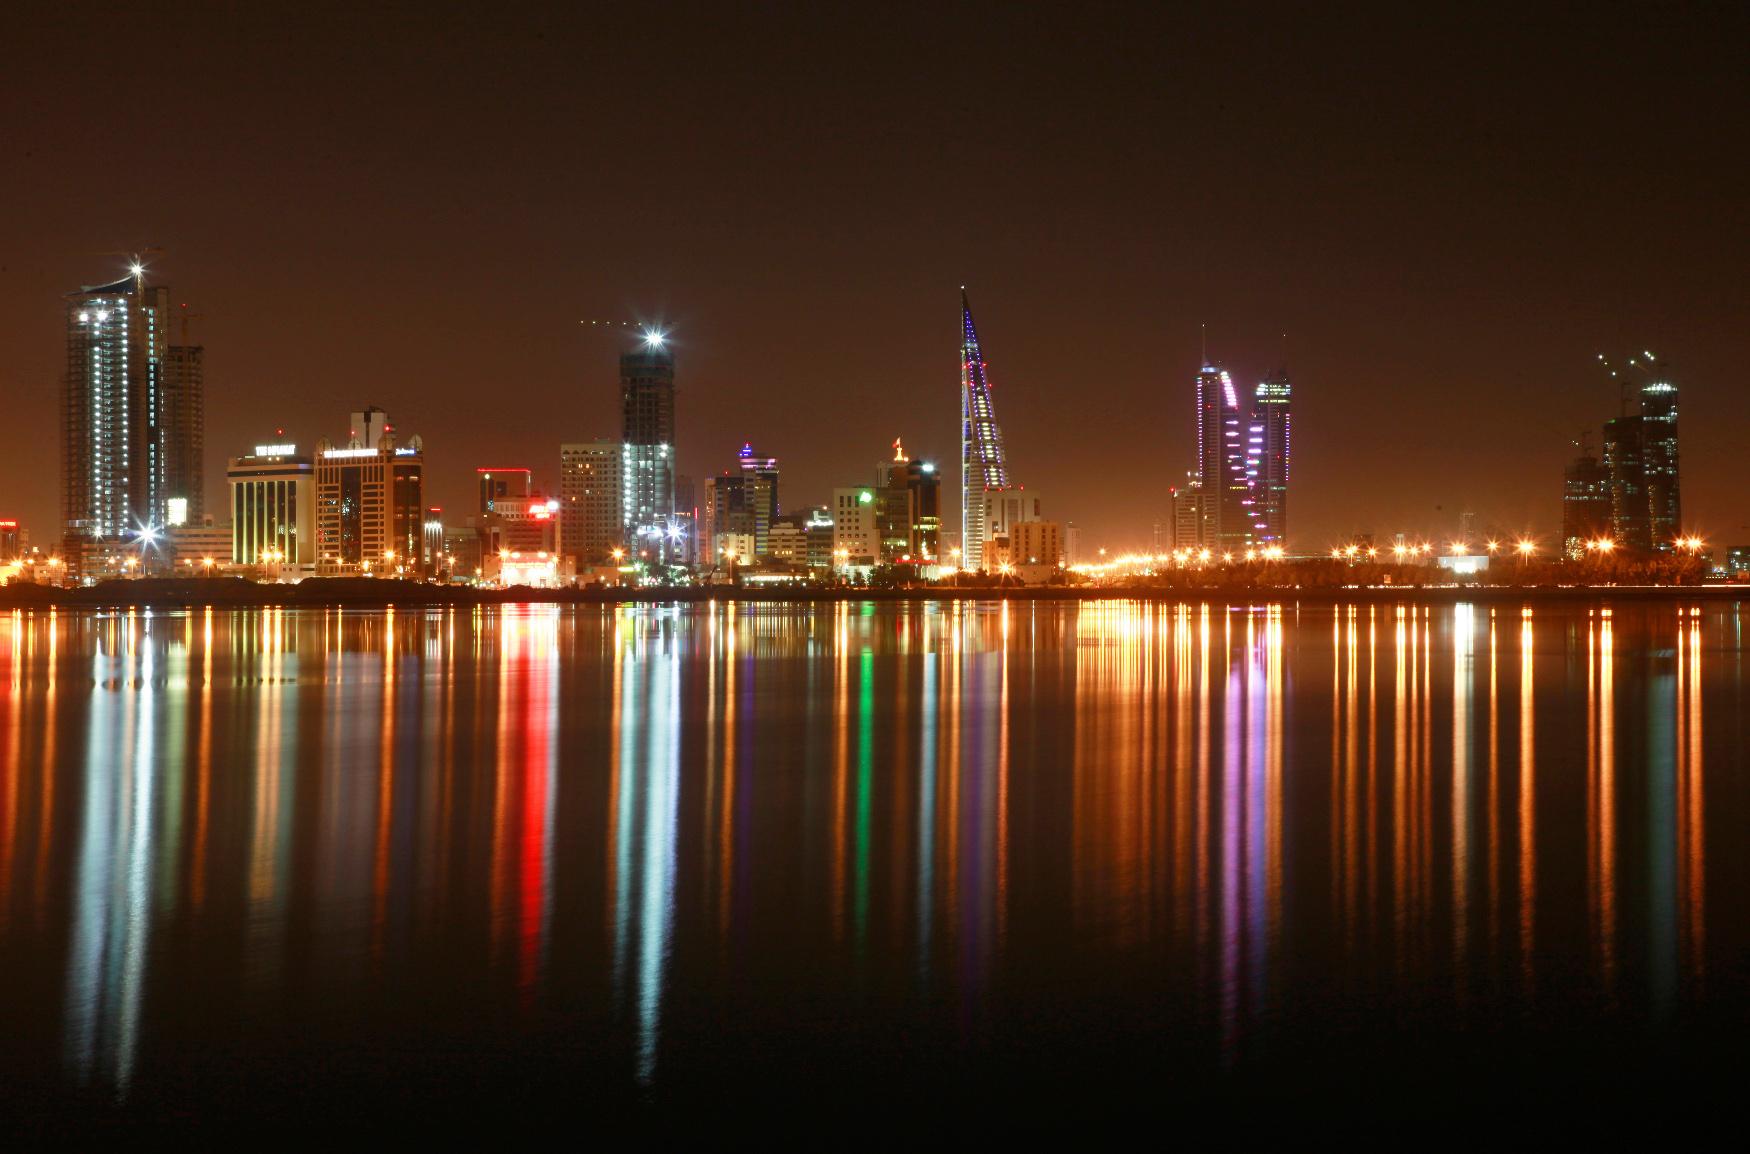 Panorama Maname, glavnog grada Bahreina